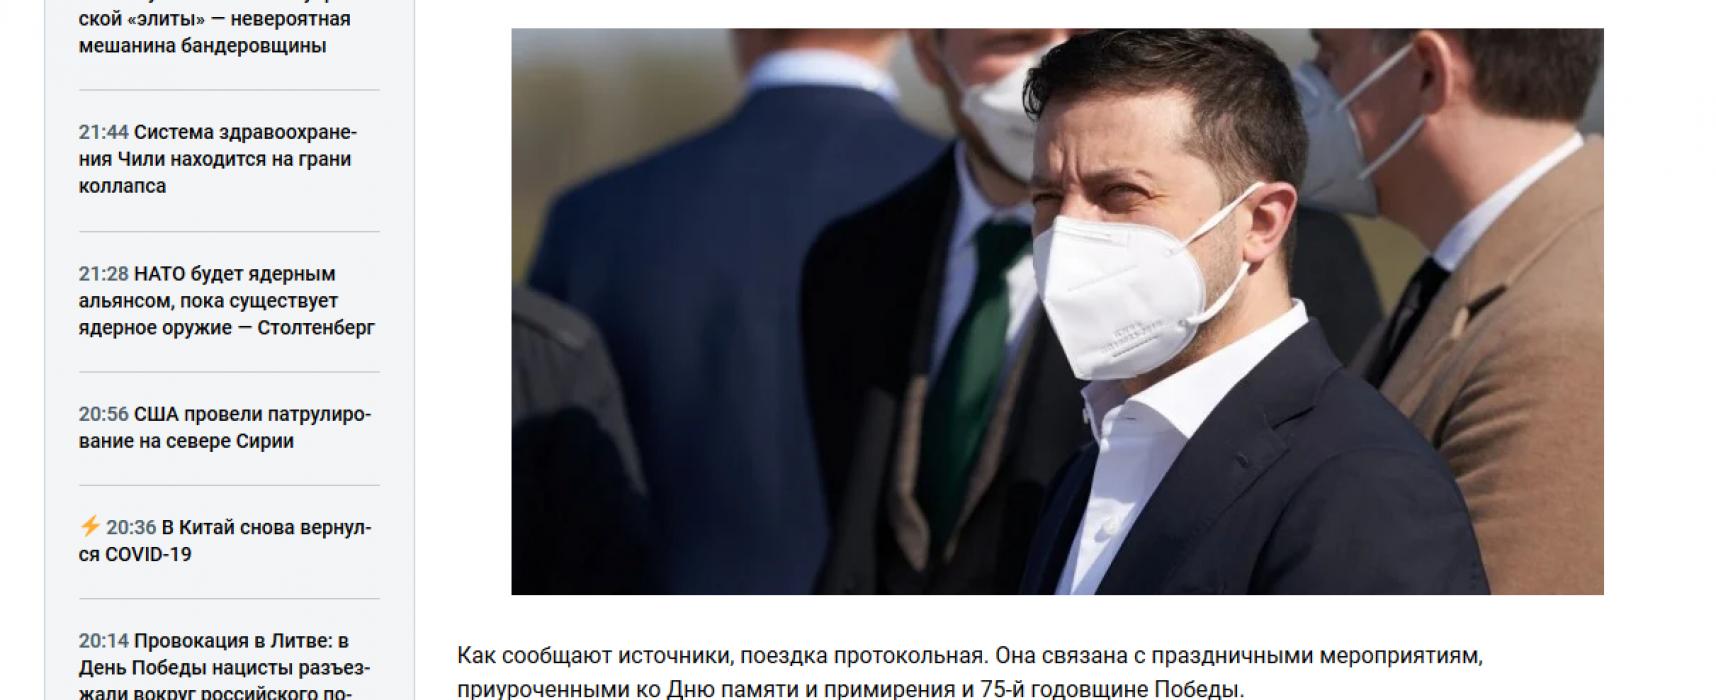 Манипуляция: Зеленский приехал на оккупированную часть ЛНР